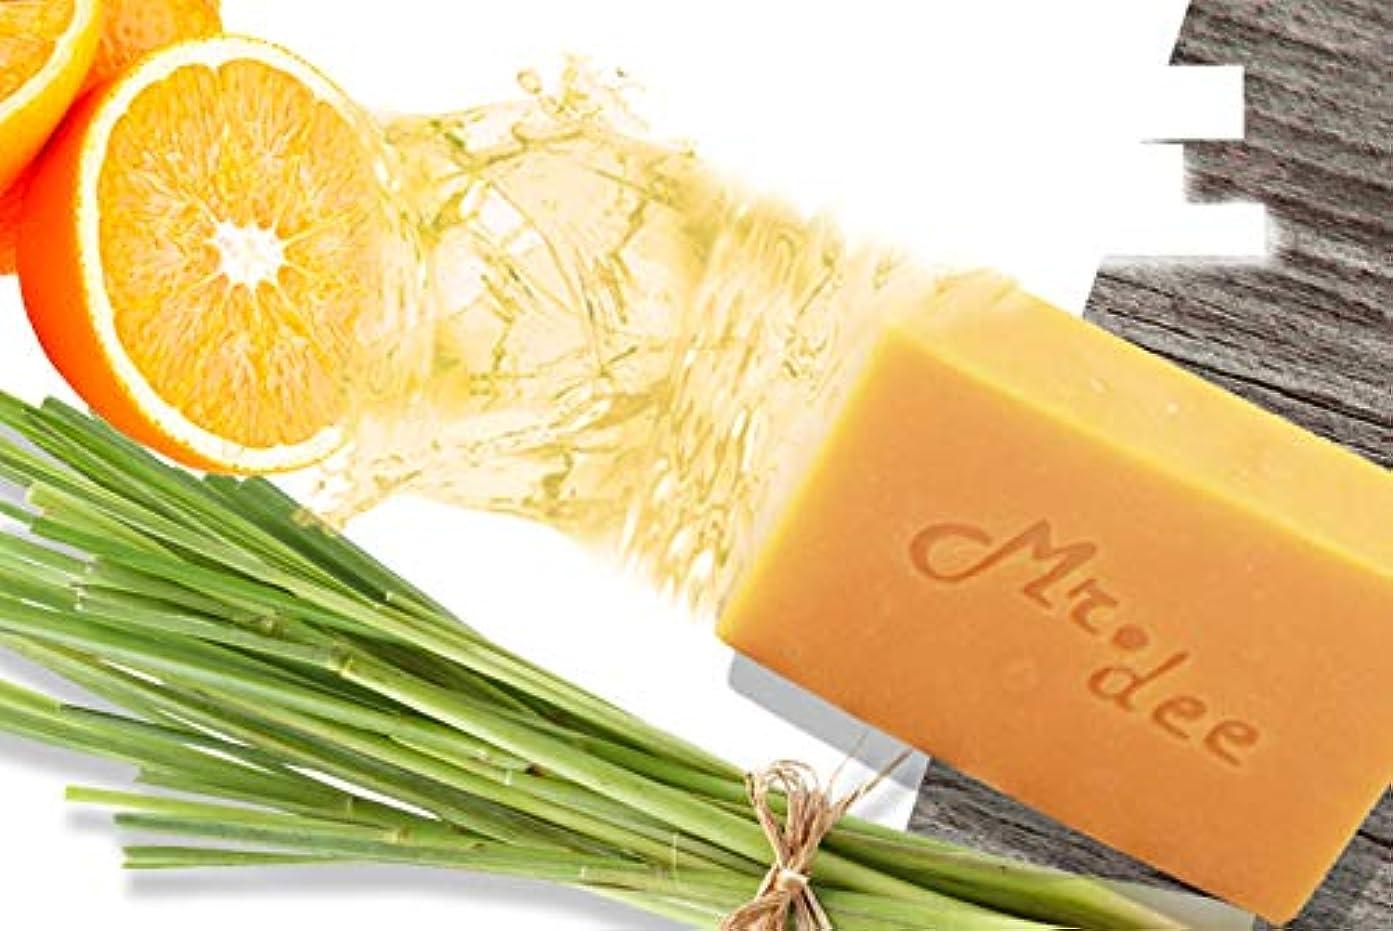 禁止する疼痛特殊「Mr.Dee」100%天然石鹸バーレモングラスエッセンシャルオイルパックを白くする非化学シアバター5バー(100グラム/バー)